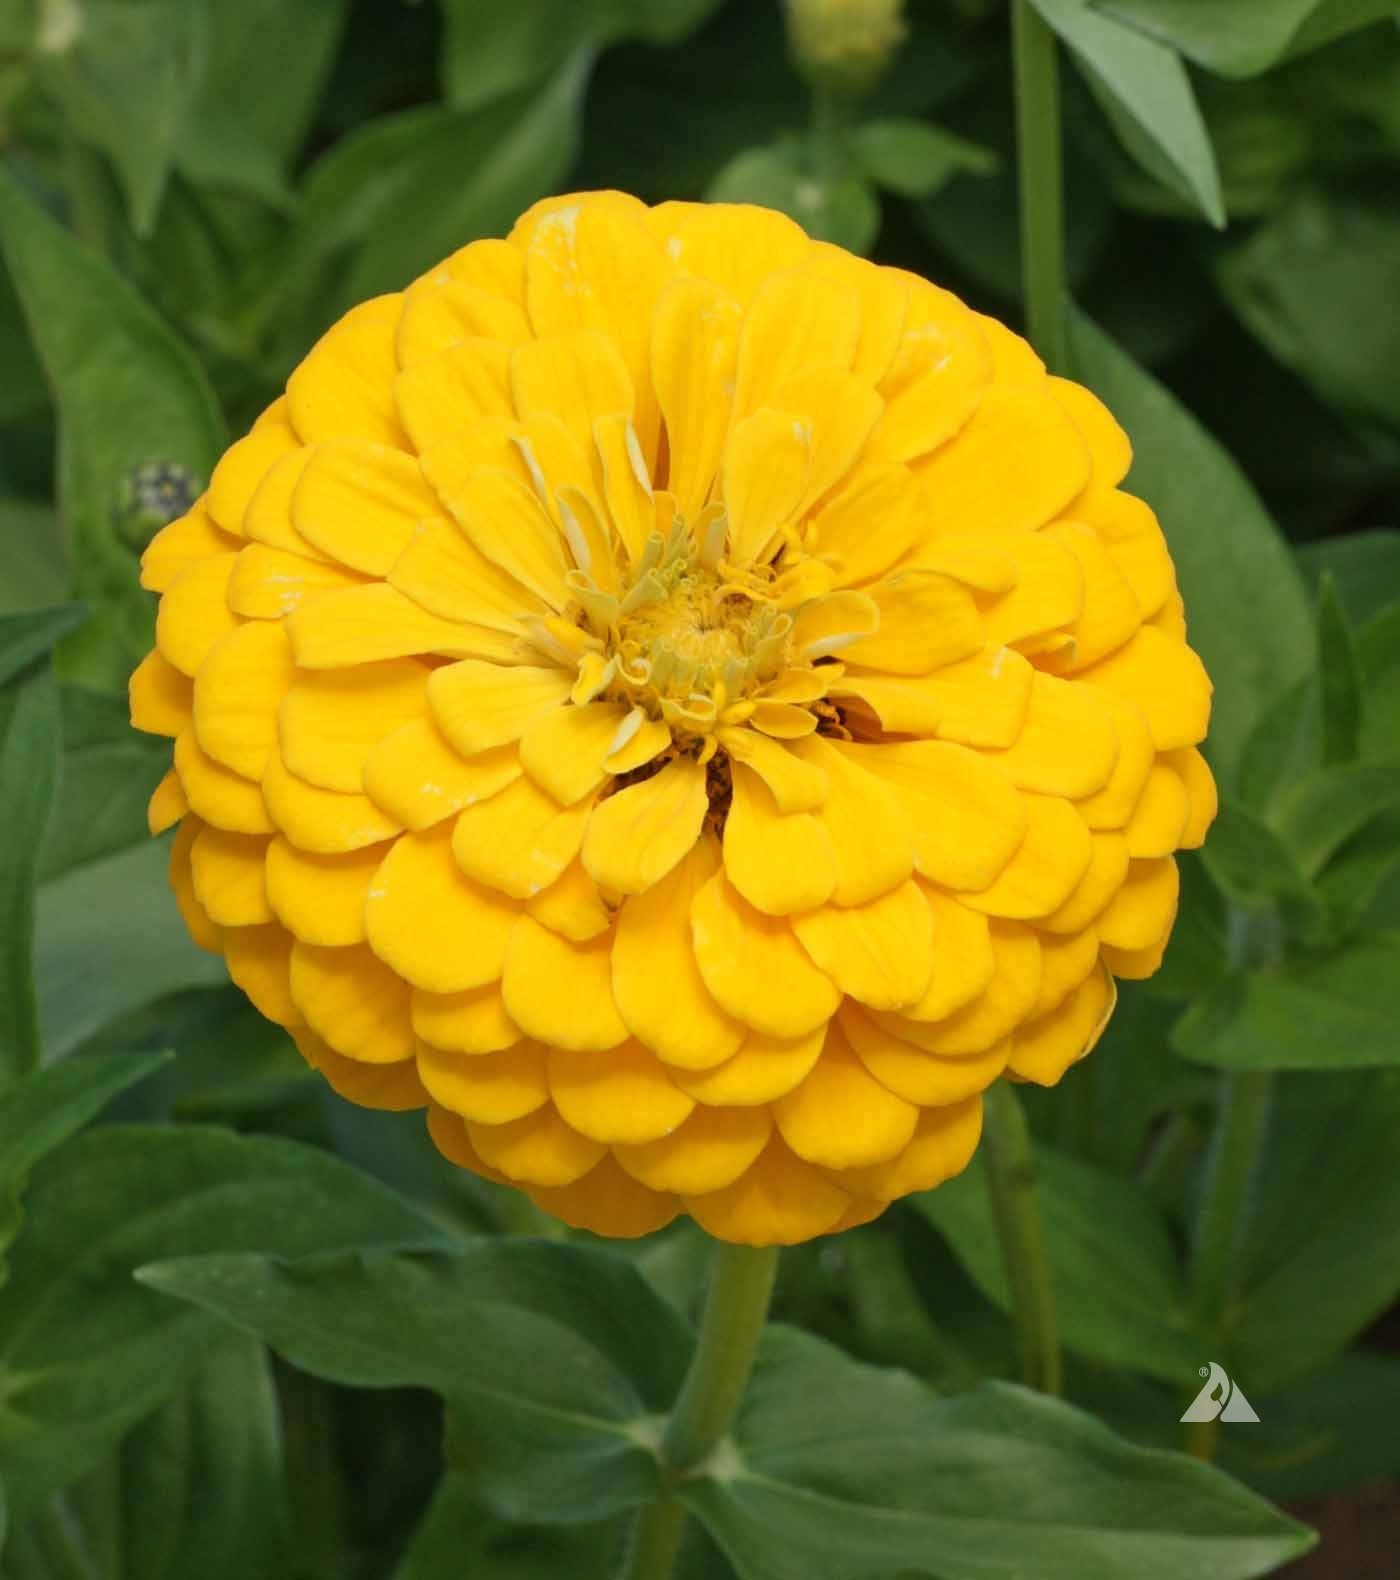 บานชื่นดอกซ้อน สีเหลือง (ต้นสูง) YELLOW Zinnia / 100เมล็ด